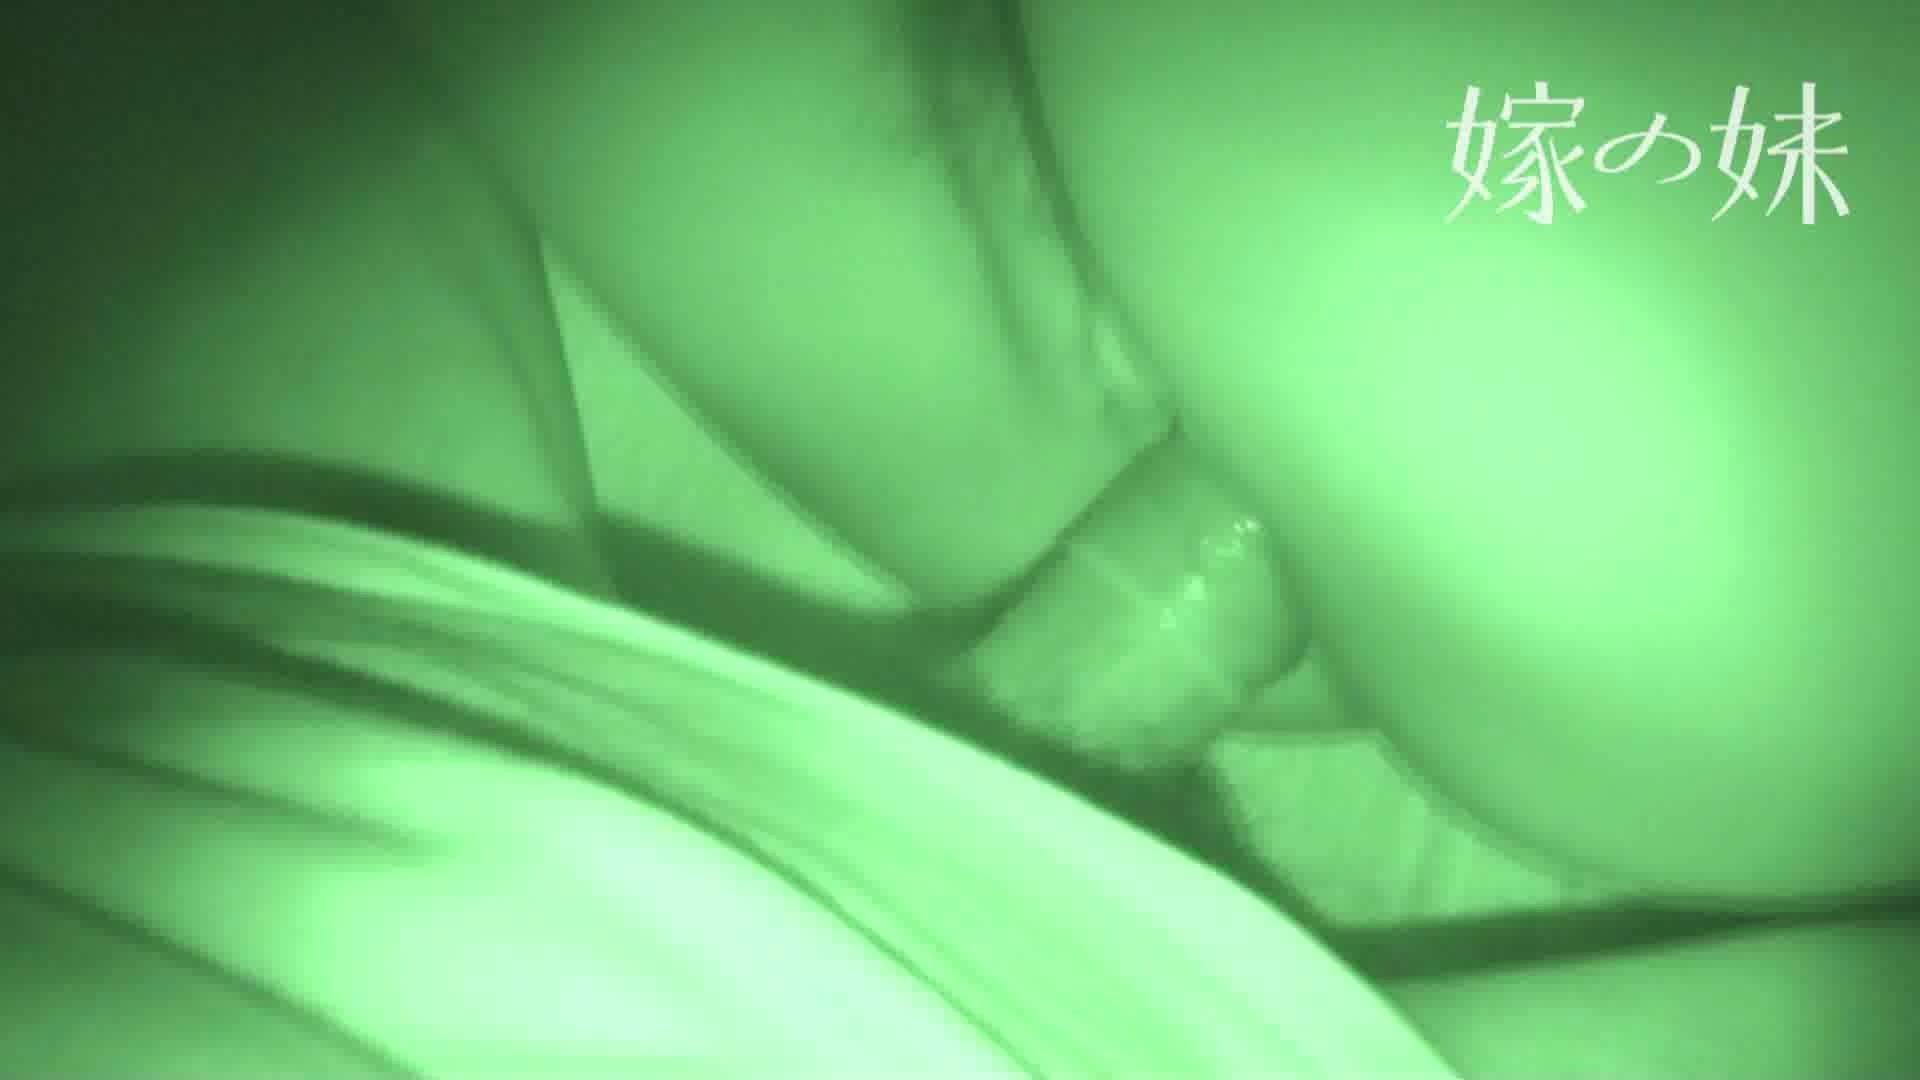 居候中の嫁の妹 vol.3 美しいOLの裸体  79pic 44